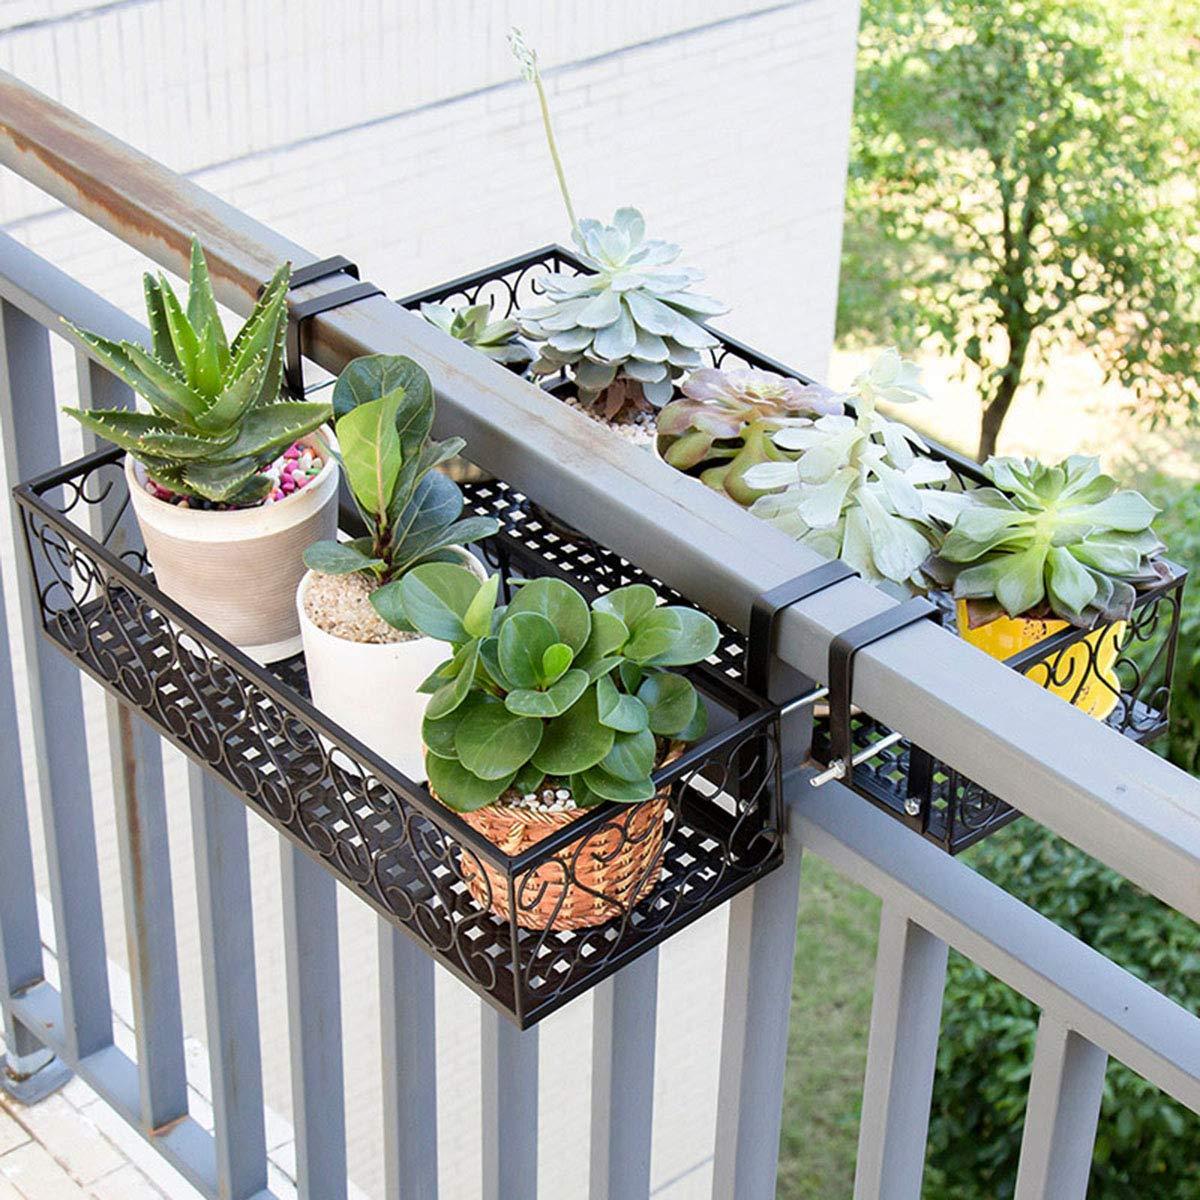 GLXQIJ 2Pcs Pianta Stand Balcone Appeso Fiore Stand Scaffale di Ferro Scaffale in Metallo Scaffale di Stoccaggio, per La Casa Giardino Esterno Decorazione